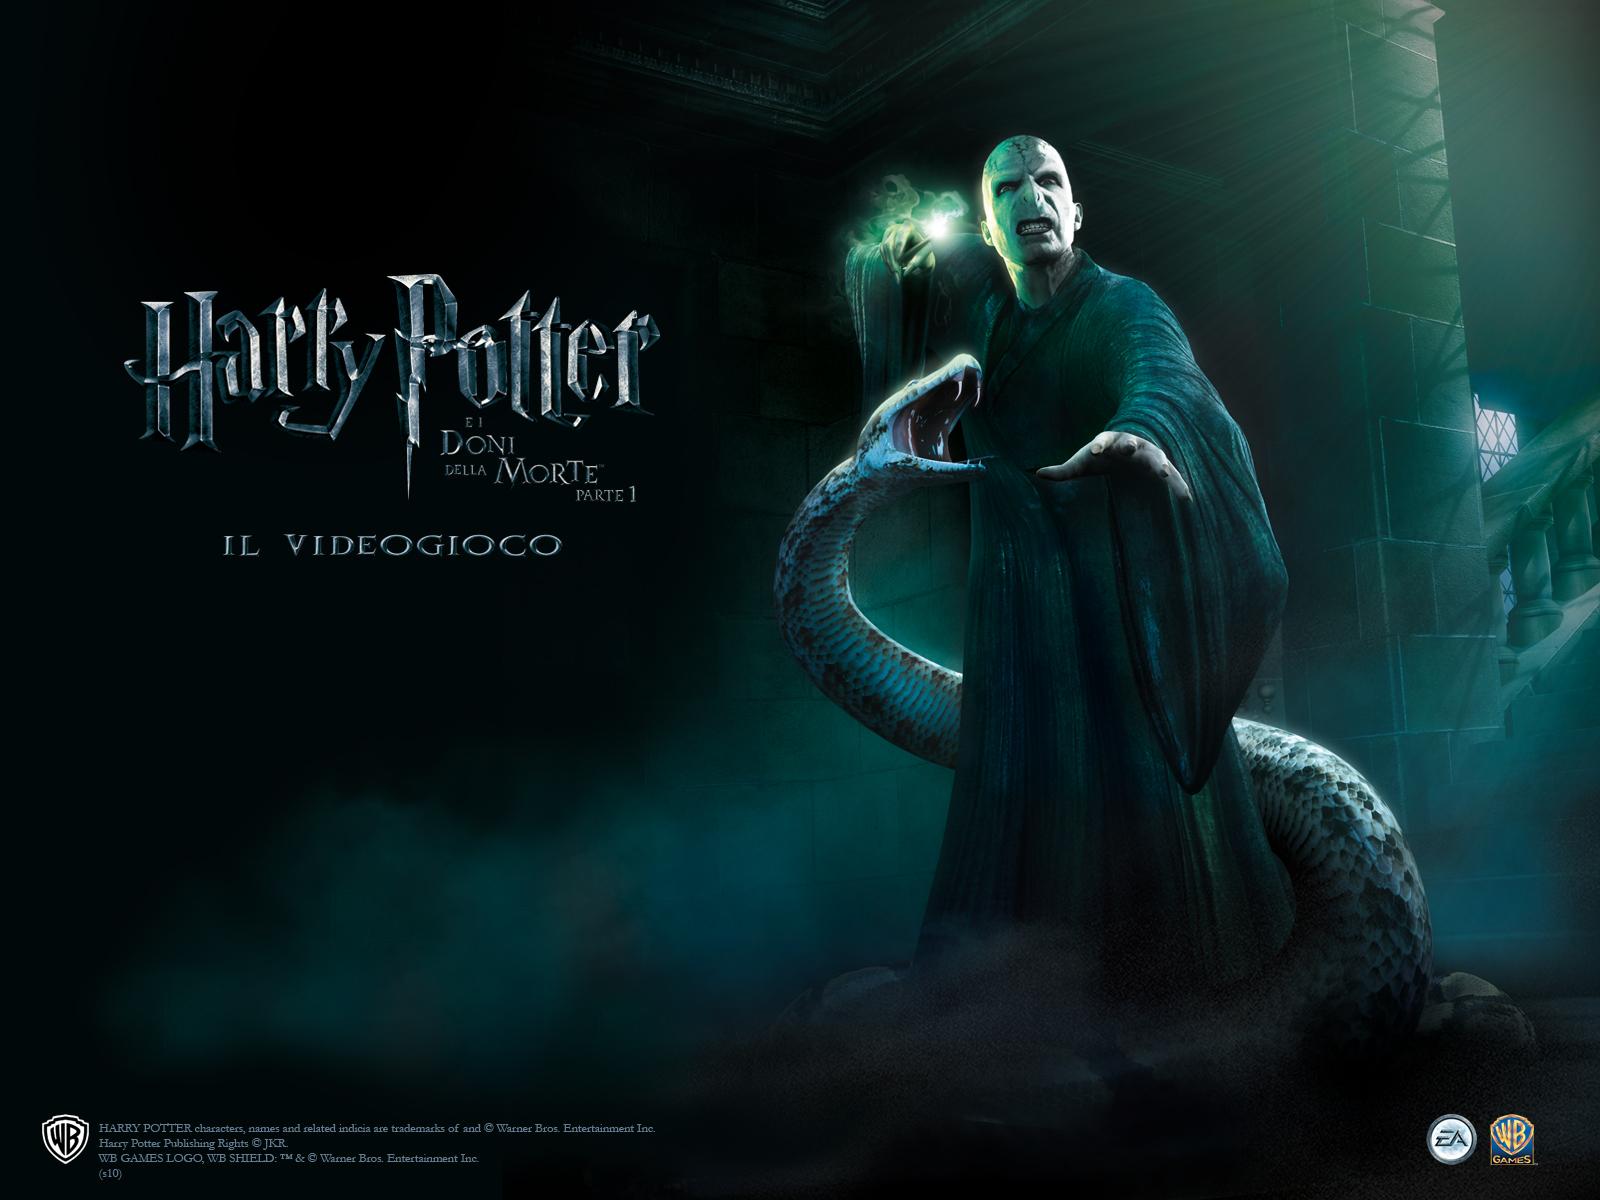 http://2.bp.blogspot.com/_Uf42tA7xWWA/TOKlJY4mp_I/AAAAAAAACFo/ncQC-bfcfCs/s1600/ITA_Voldemort_Nagini_1600x1200.jpg